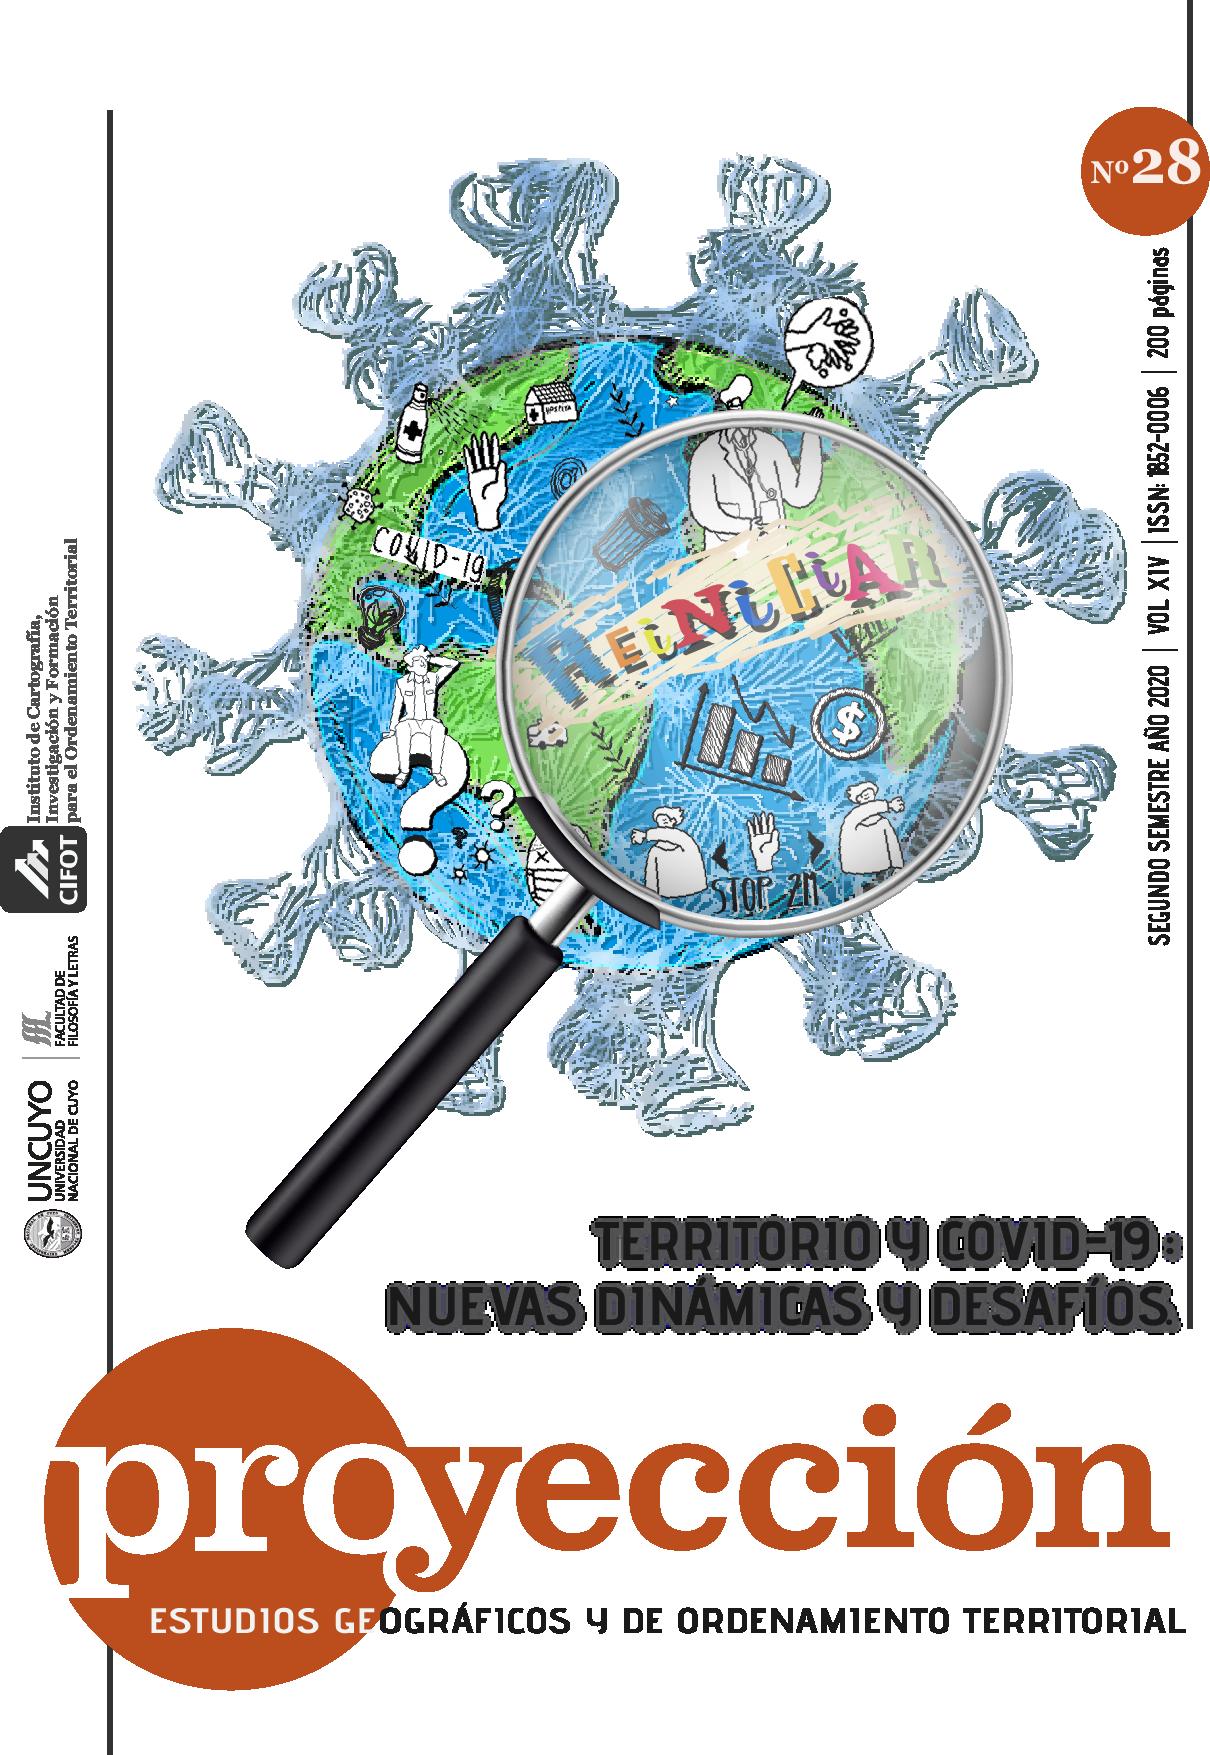 Ver Vol. 14 Núm. 28 (2020): Territorio y COVID - 19: nuevas dinámicas y desafíos